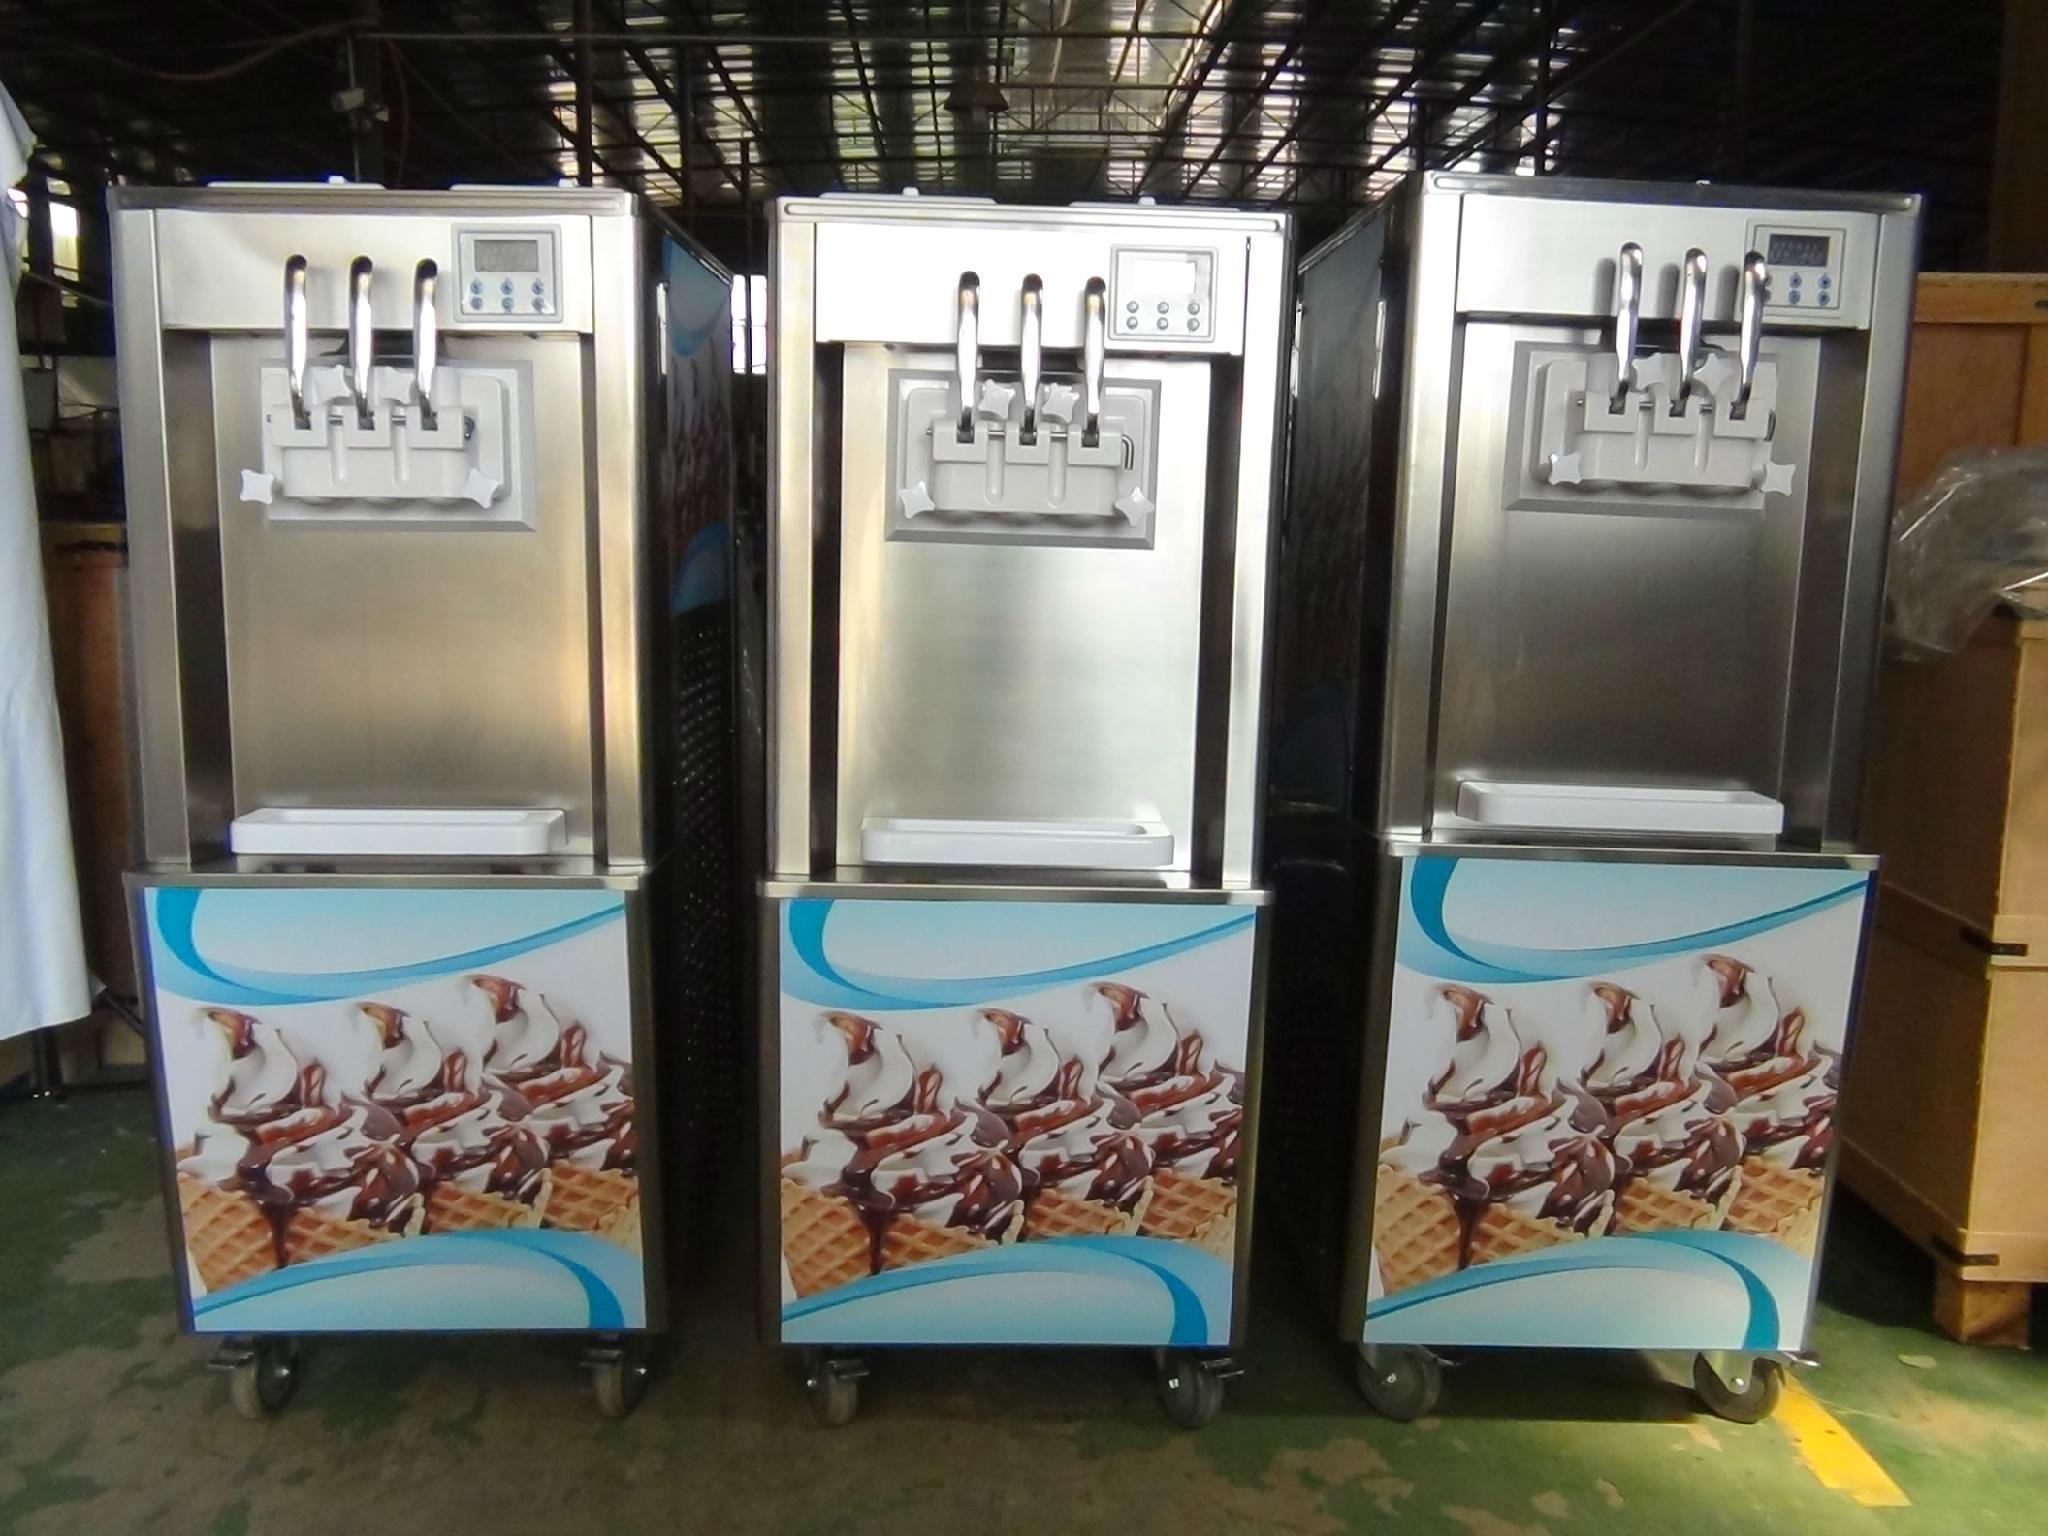 立式商用软冰淇淋机 全自动小型甜筒雪糕机 三色冰激凌机